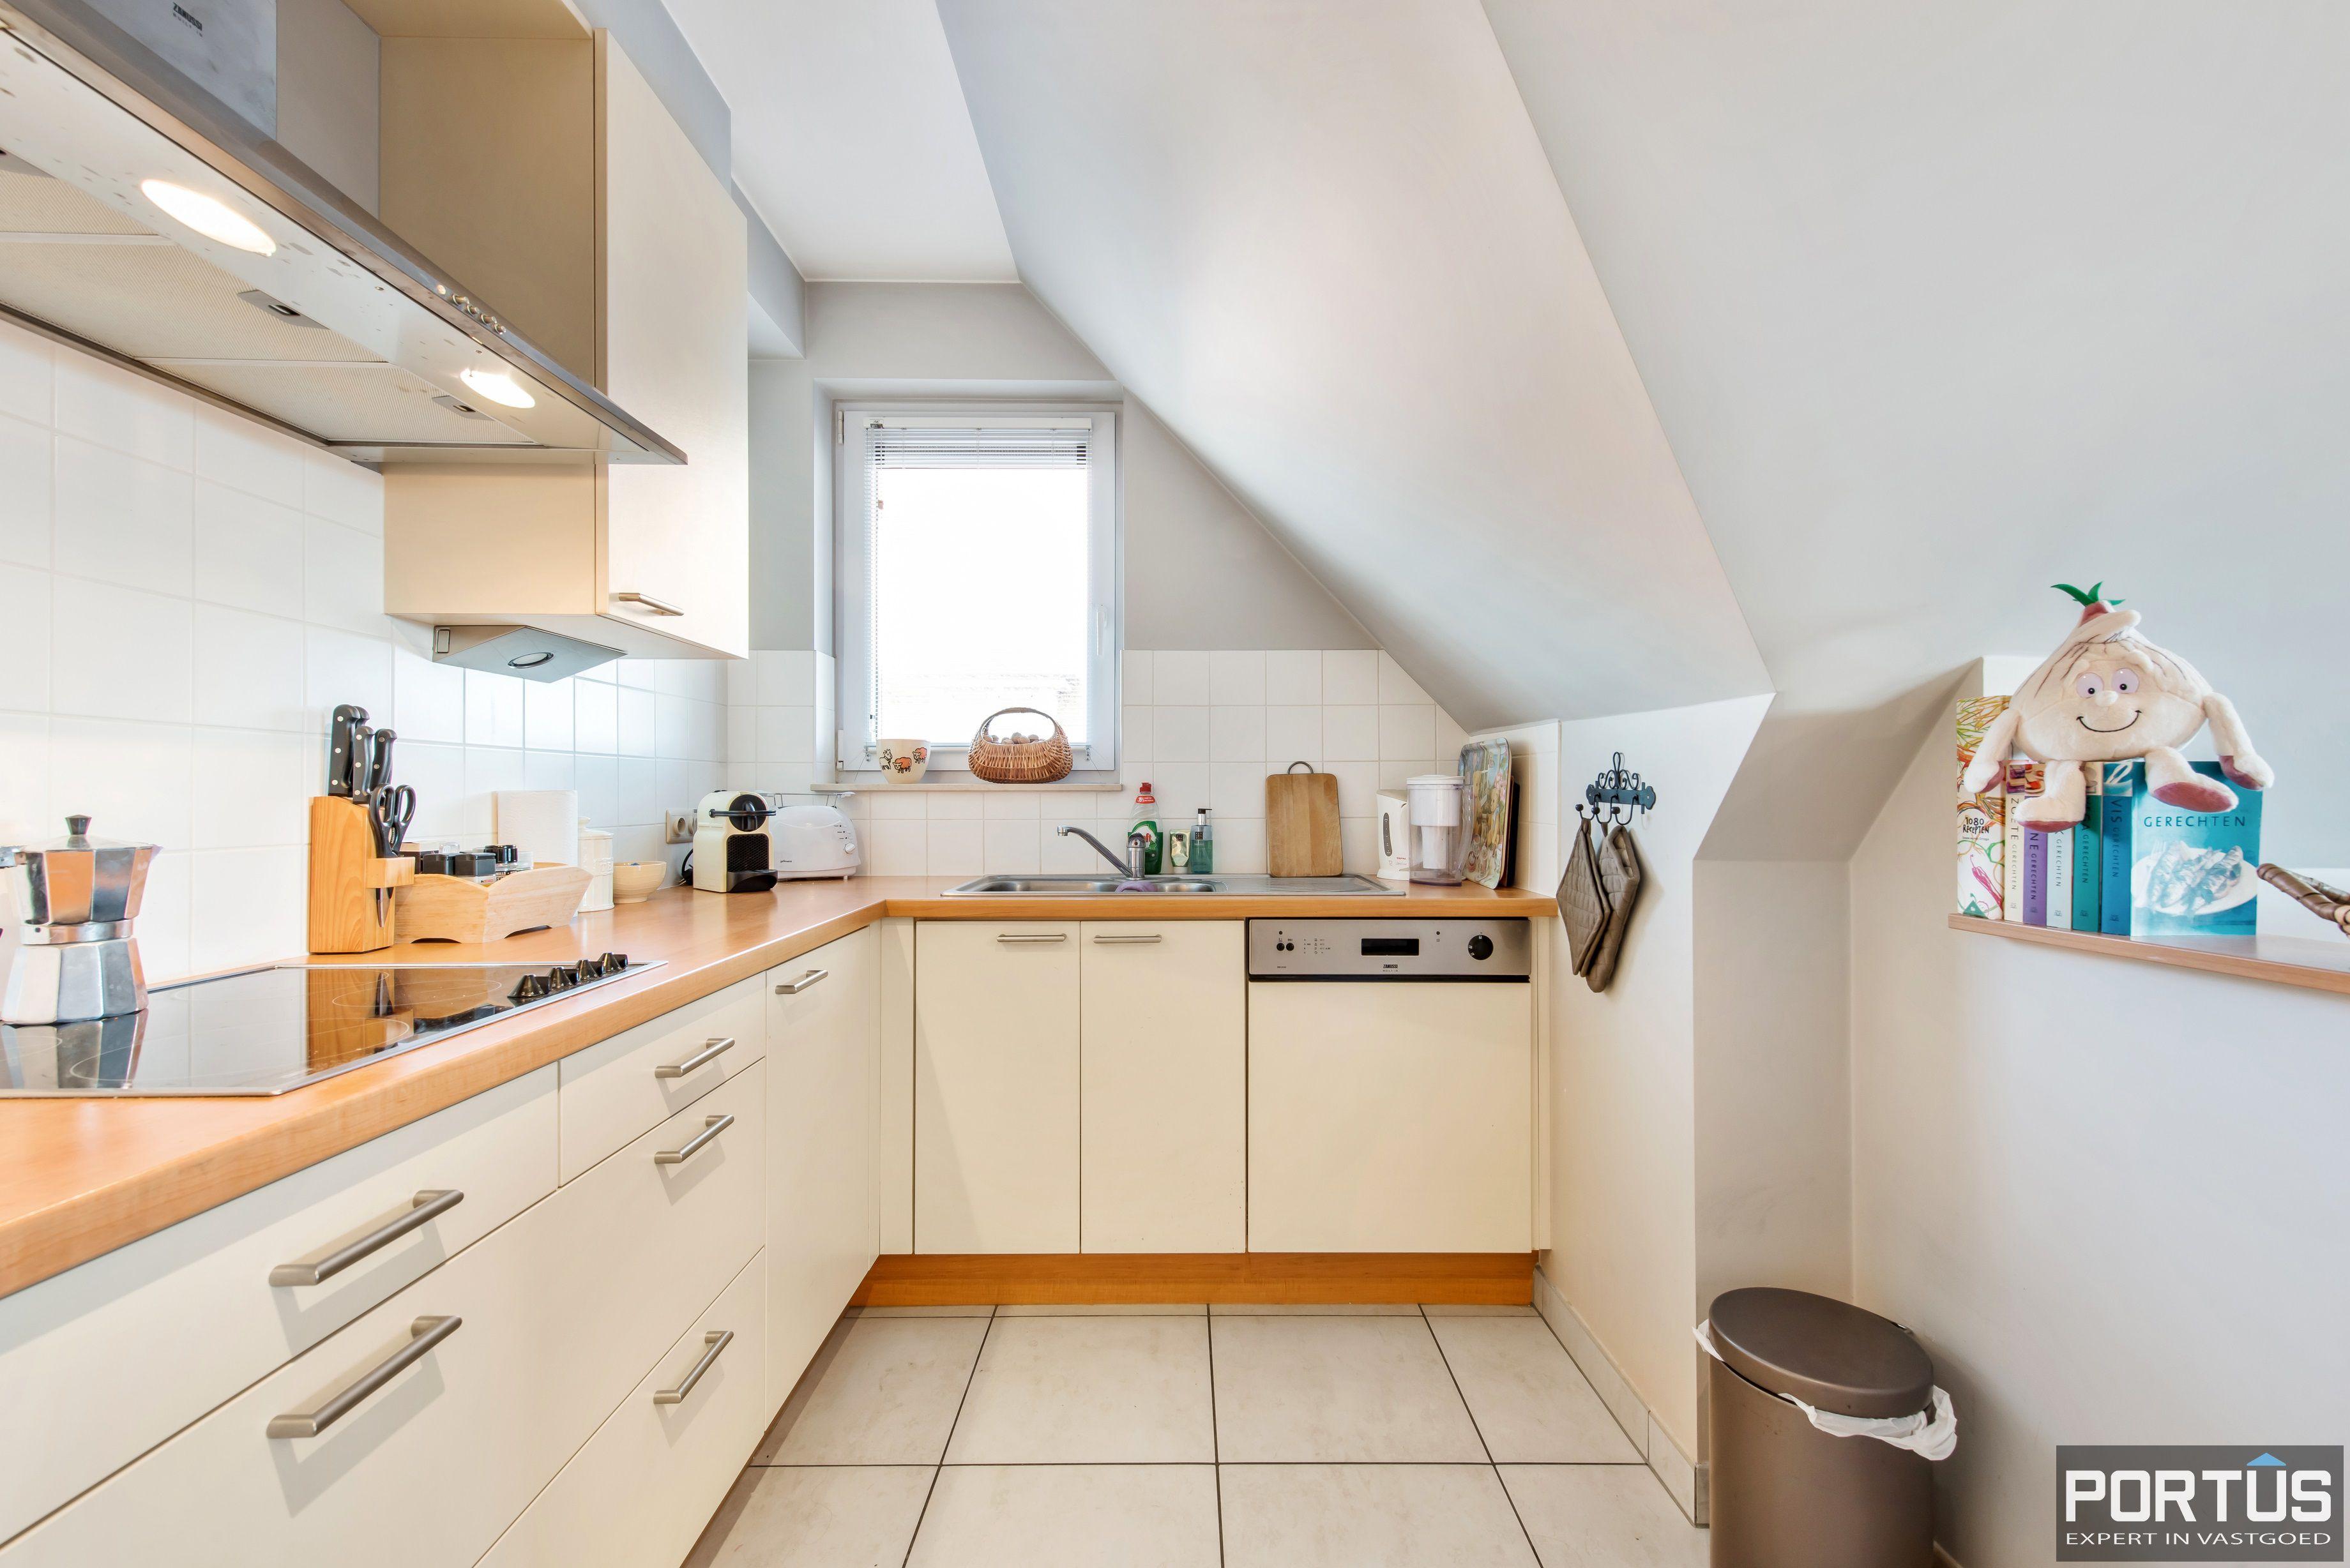 Instapklare duplex met 2 slaapkamers te koop te Nieuwpoort - 10851